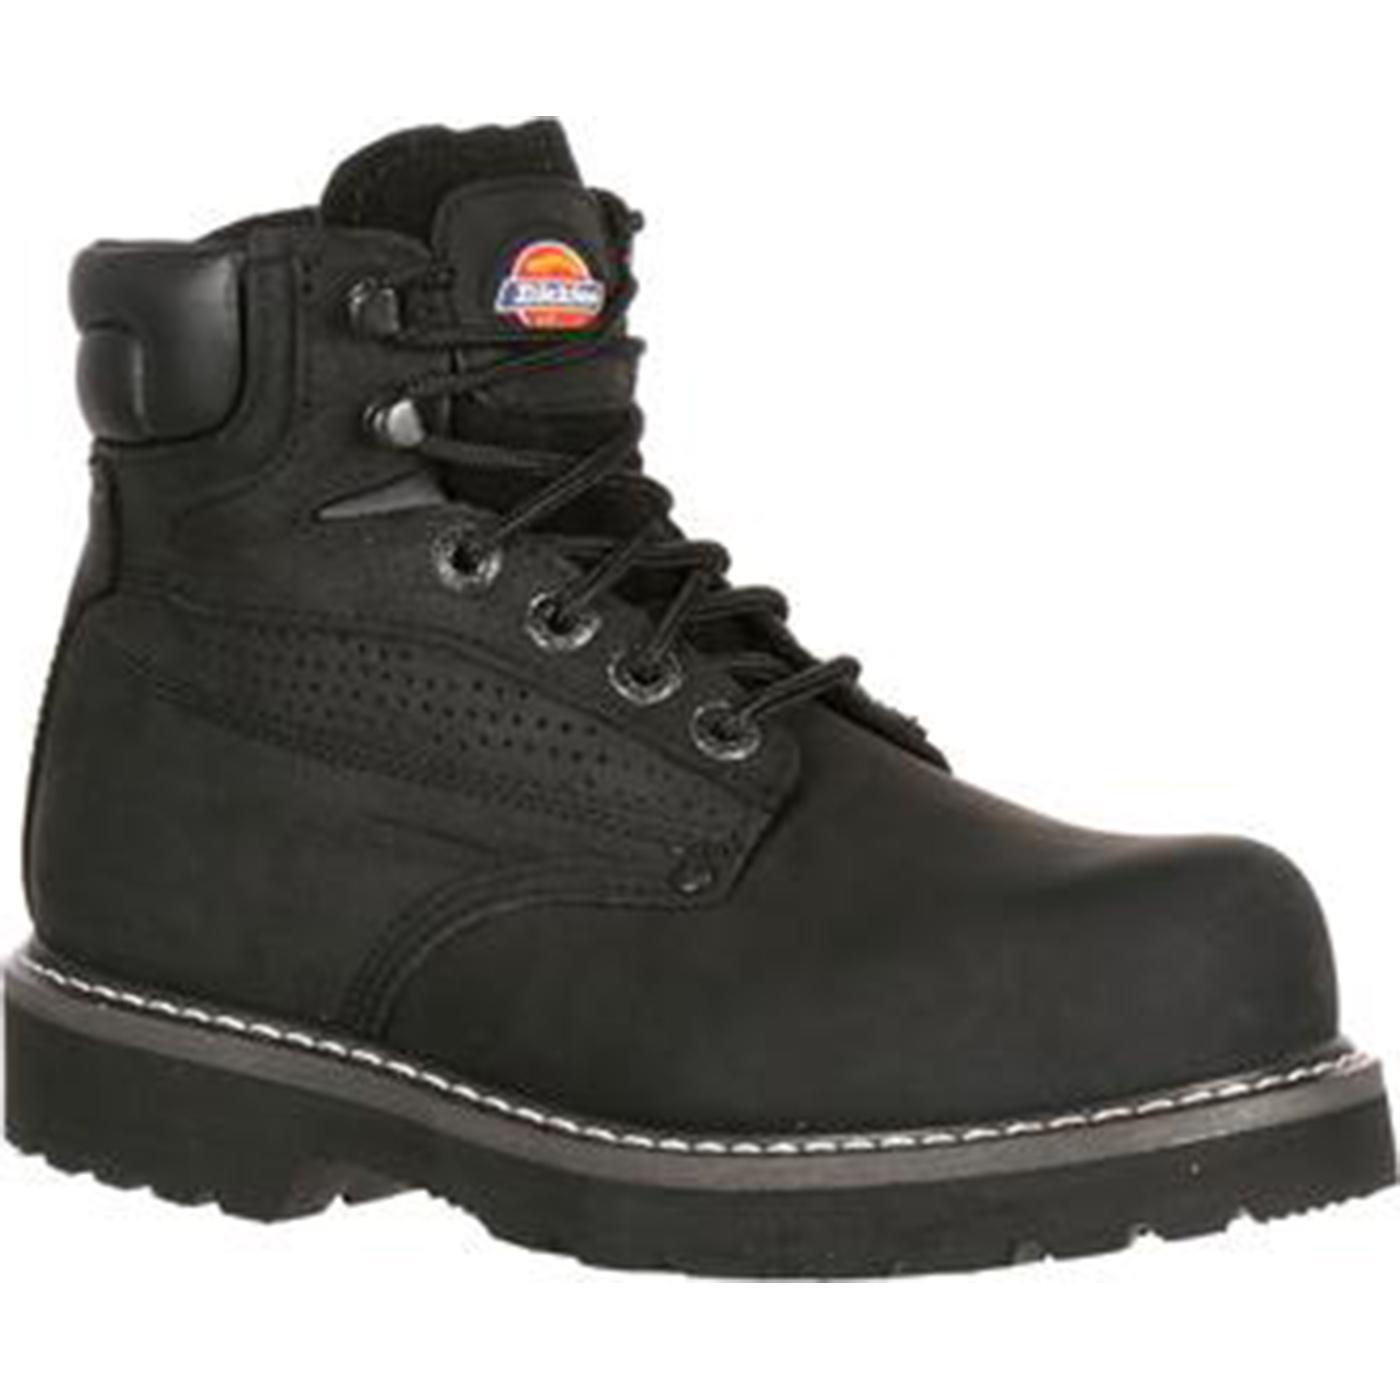 Dickies Breaker Steel Toe Work Boot Dps715